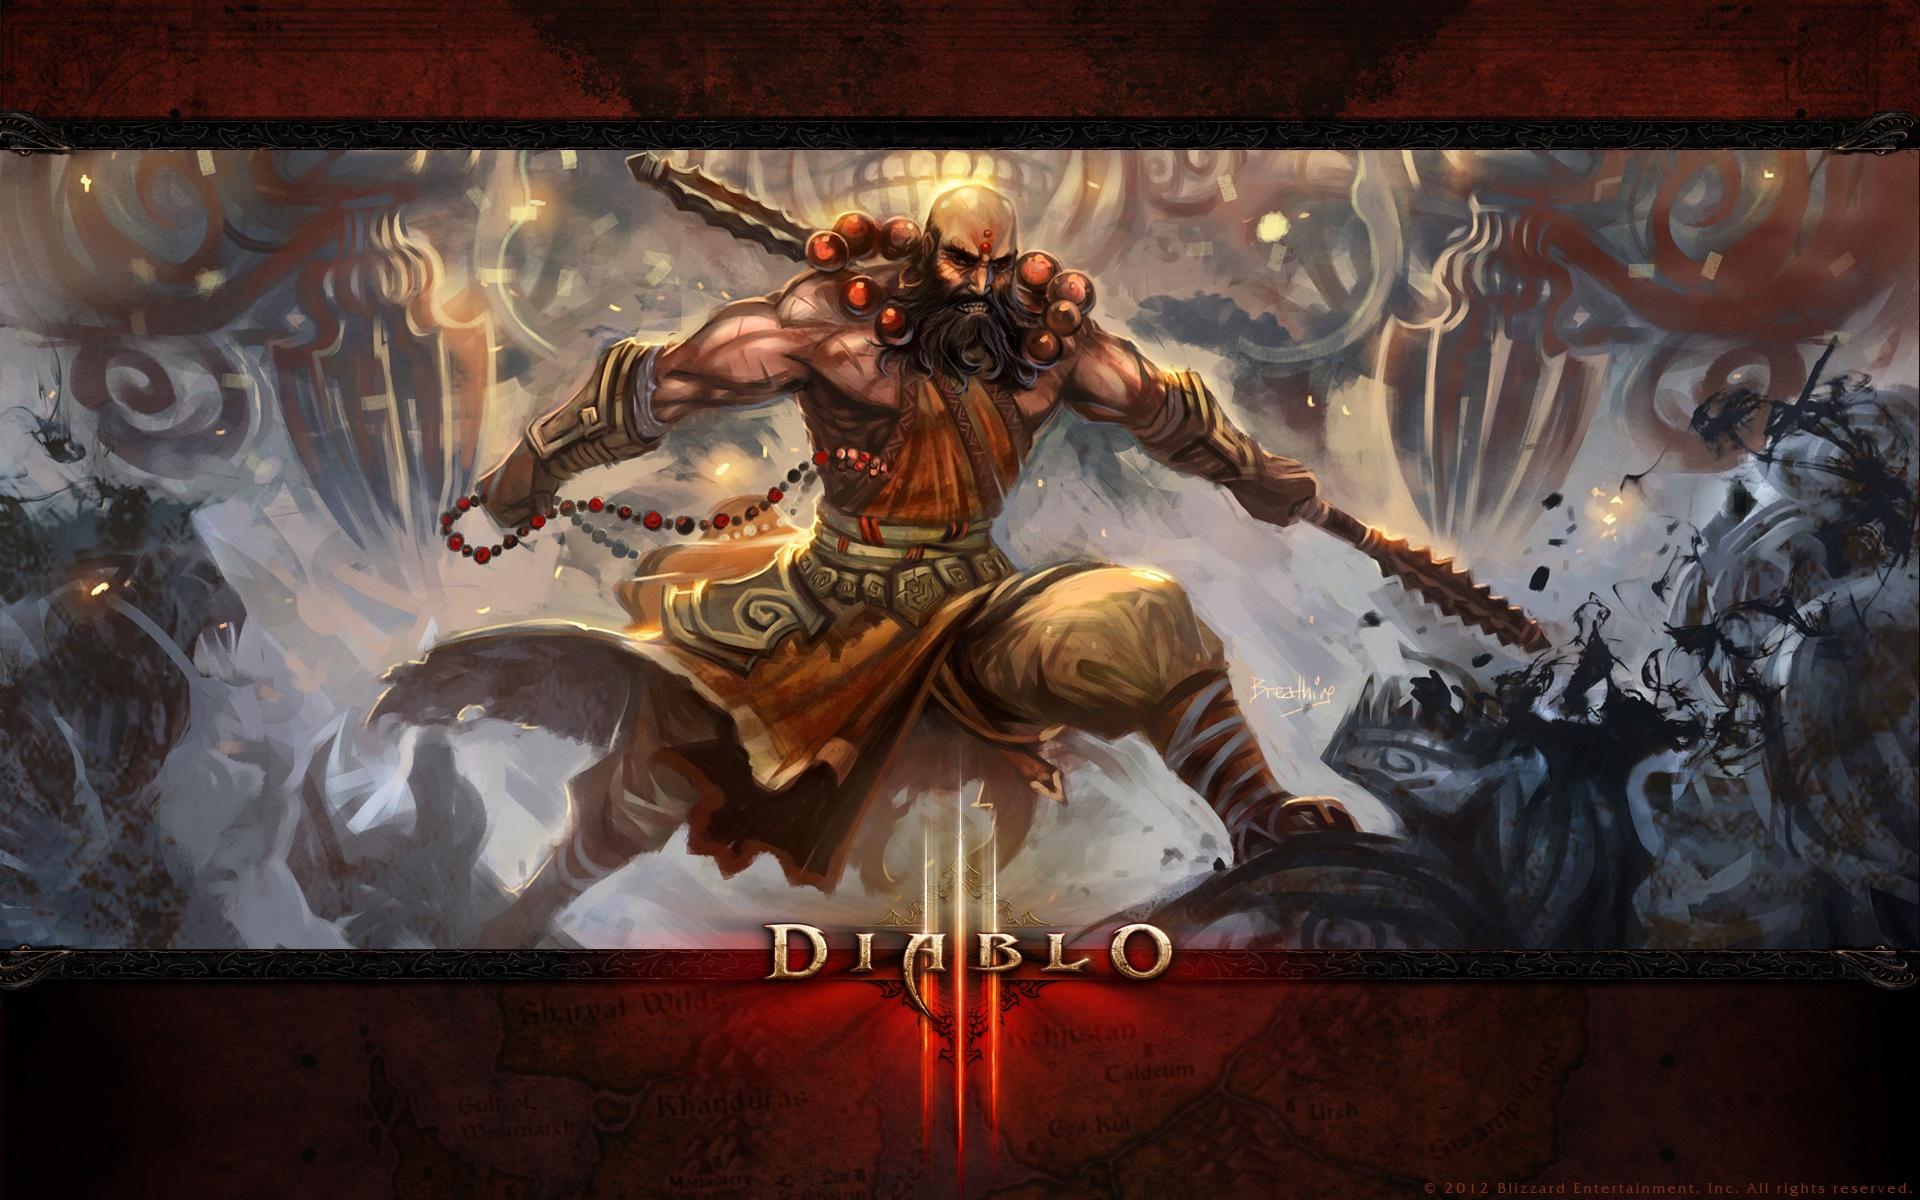 Diablo 3 Spieler erreicht Paragon-Level 2000, weil er nicht so EXP-geil ist wie andere